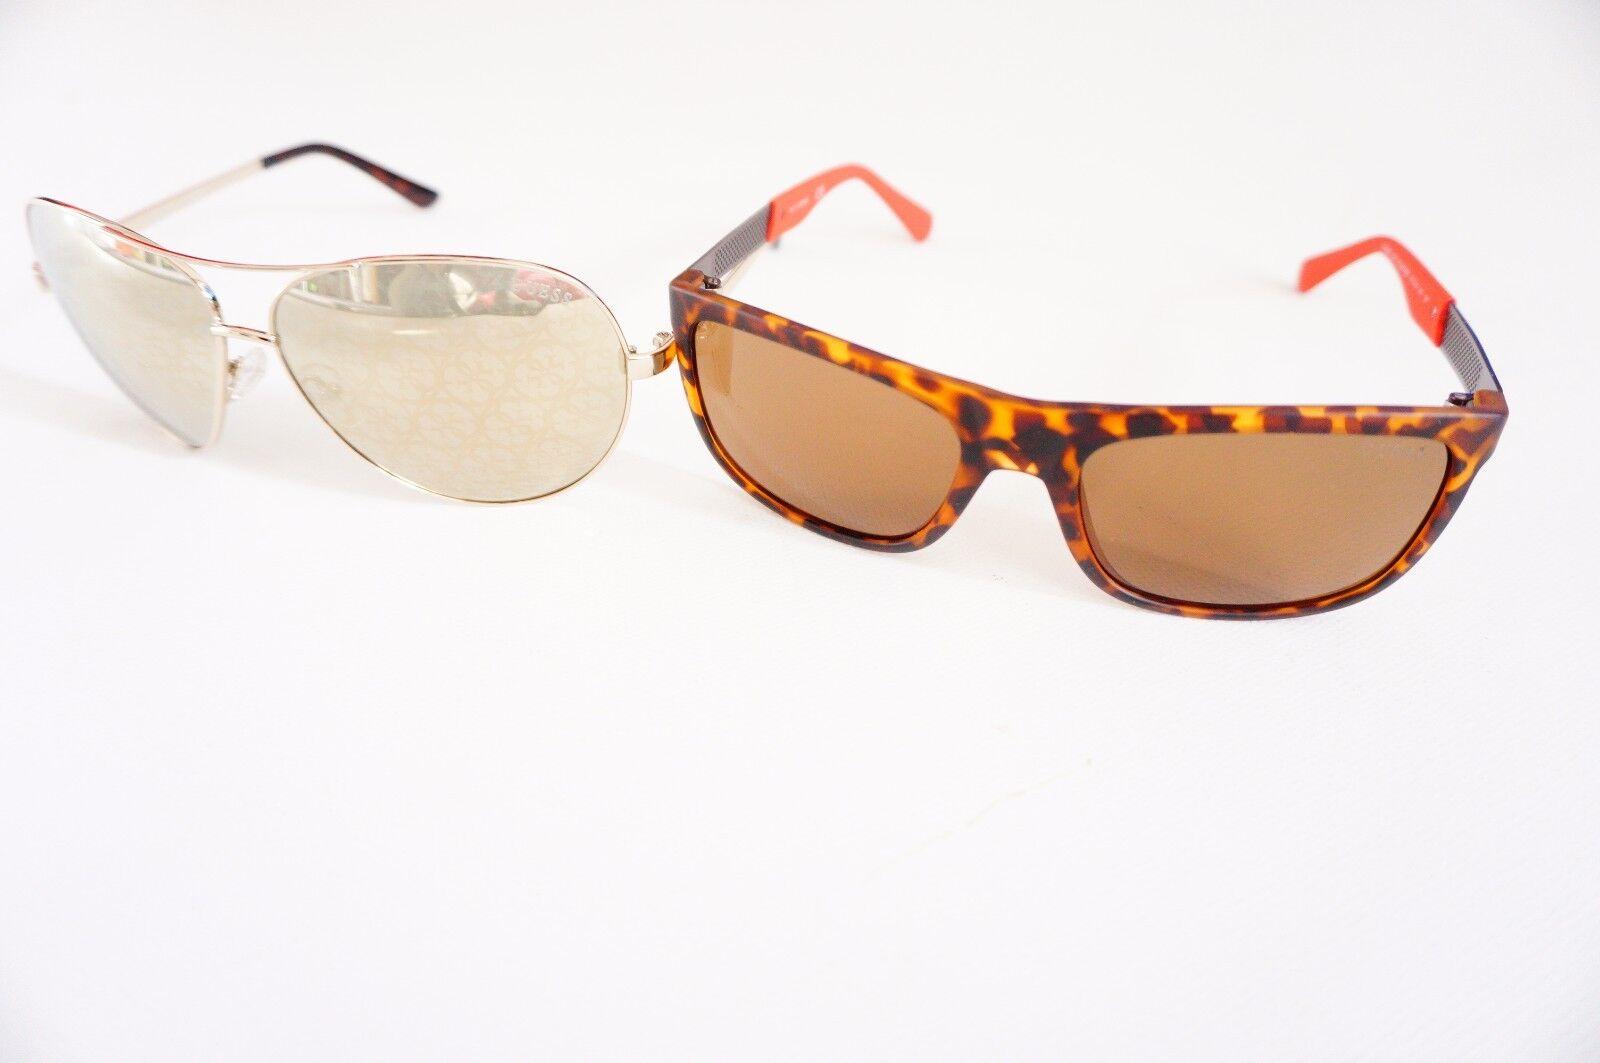 Guess Damen/ Herren Sonnenbrille , Gold/Dark Havanna Braun Unisex Sonnenbrille